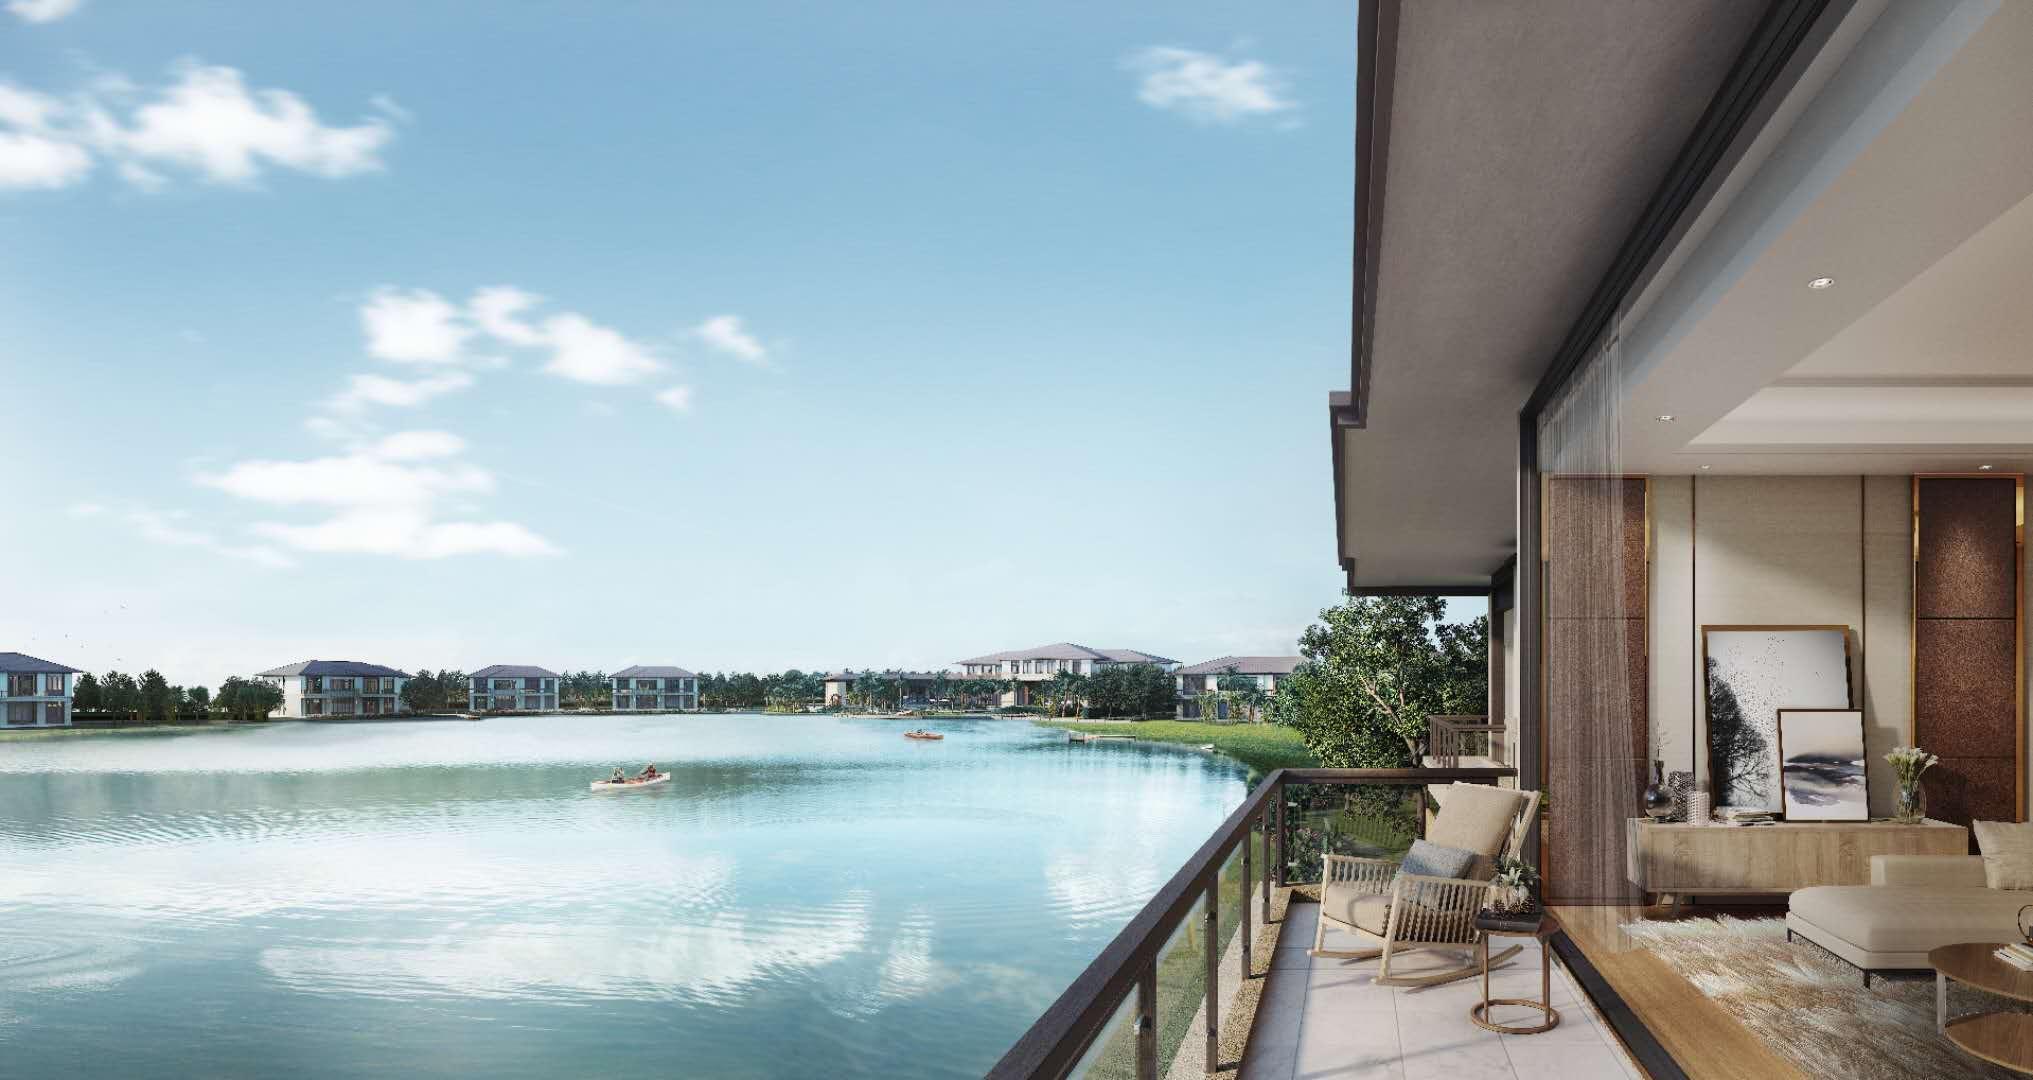 เลคซีรีน บ้านสไตล์ นอร์ท อเมริกัน สุดหรูหราพร้อมทะเลสาบส่วนตัว